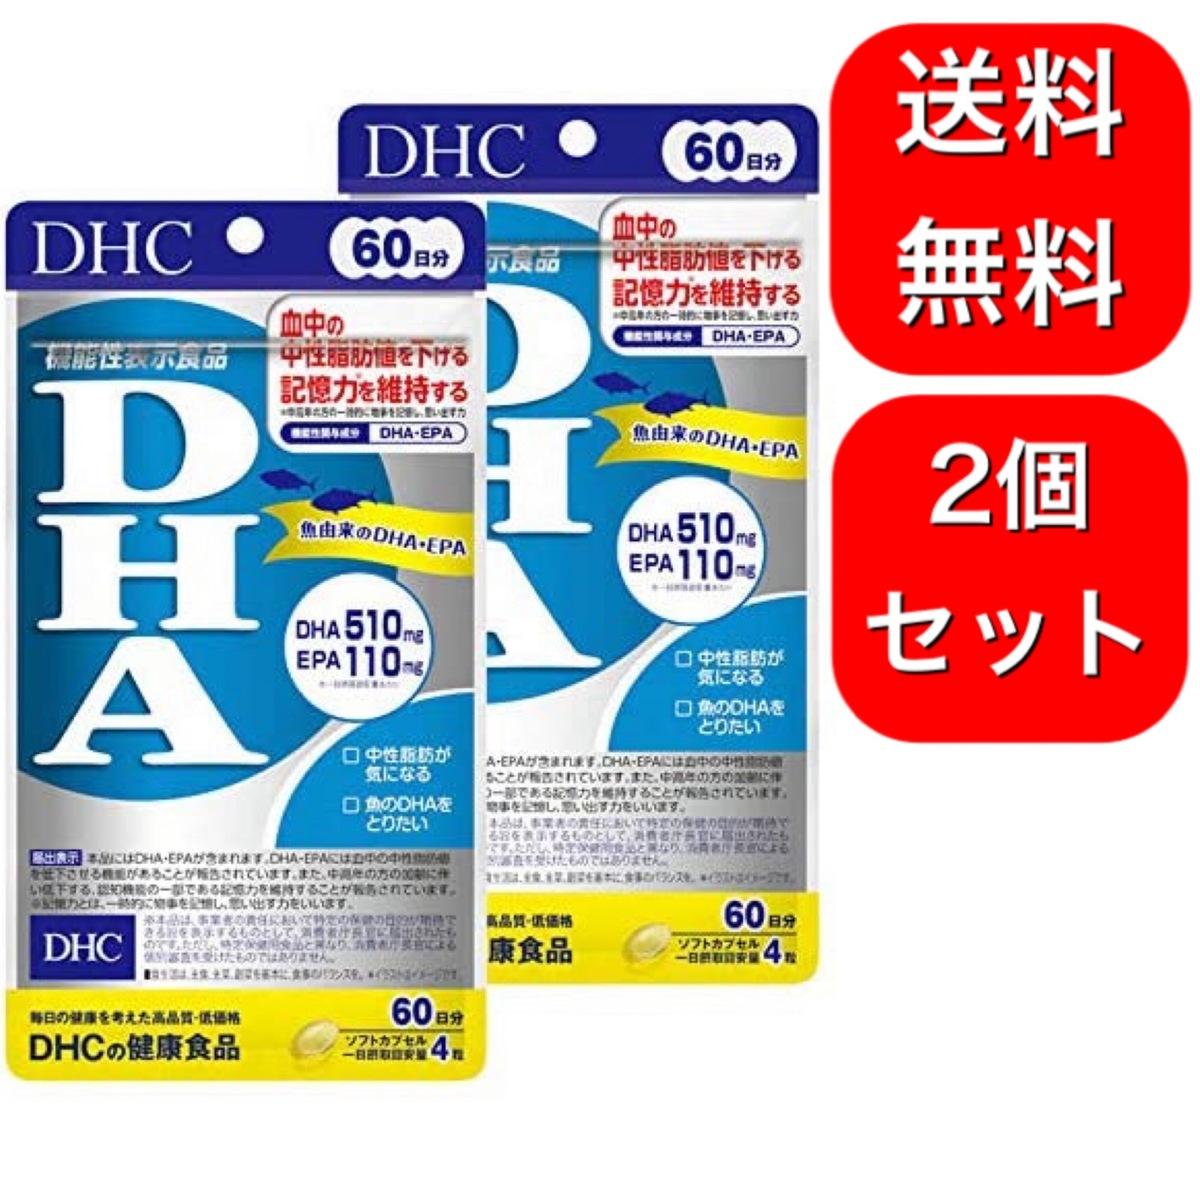 別倉庫からの配送 全国一律送料無料 2袋セット 流行 DHC 240粒 60日分 DHA